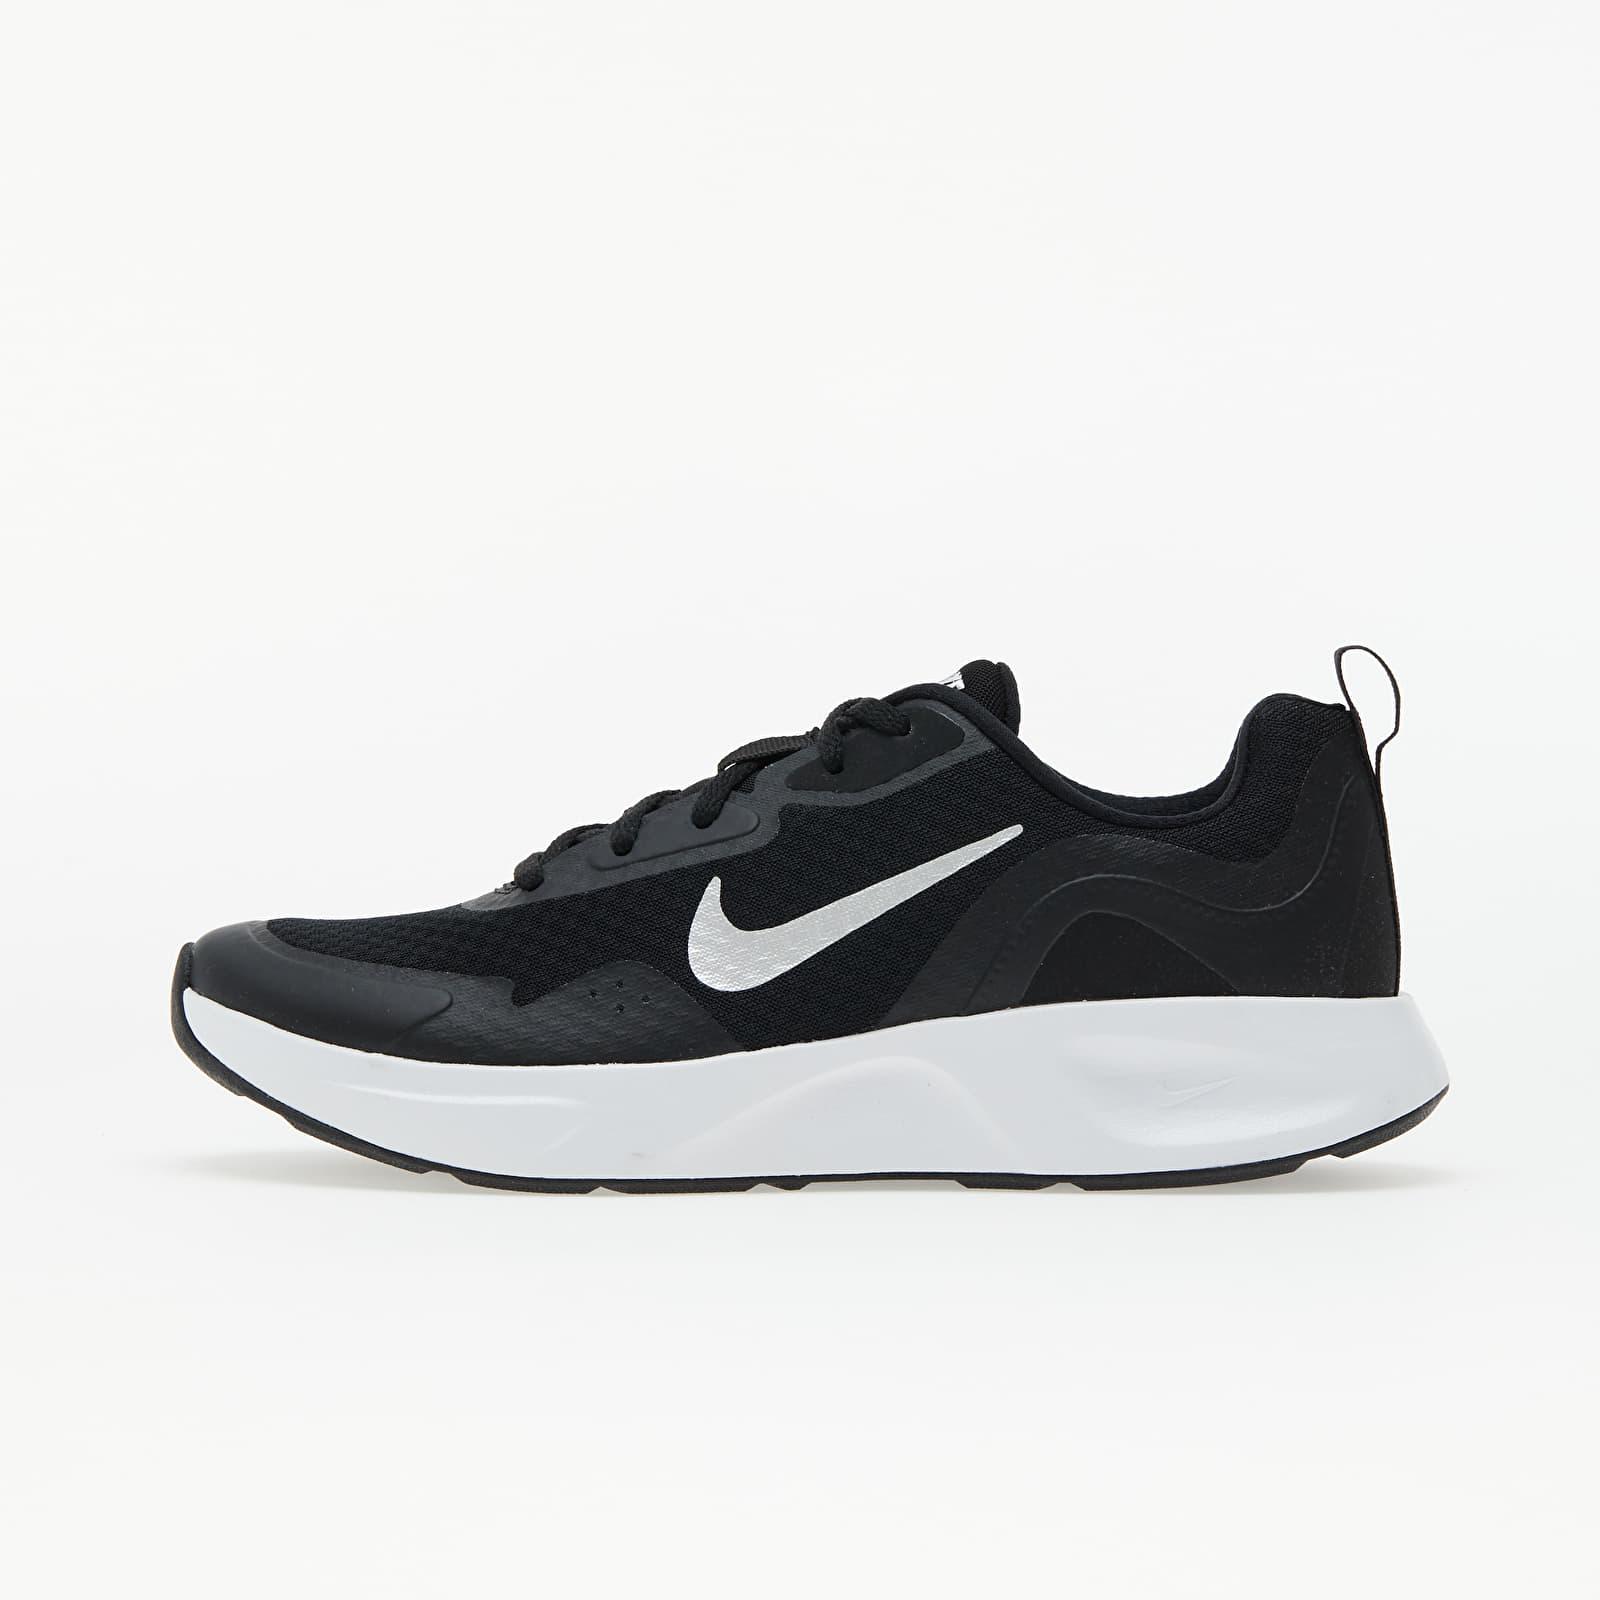 Nike Wmns Wearallday Black/ White EUR 38.5